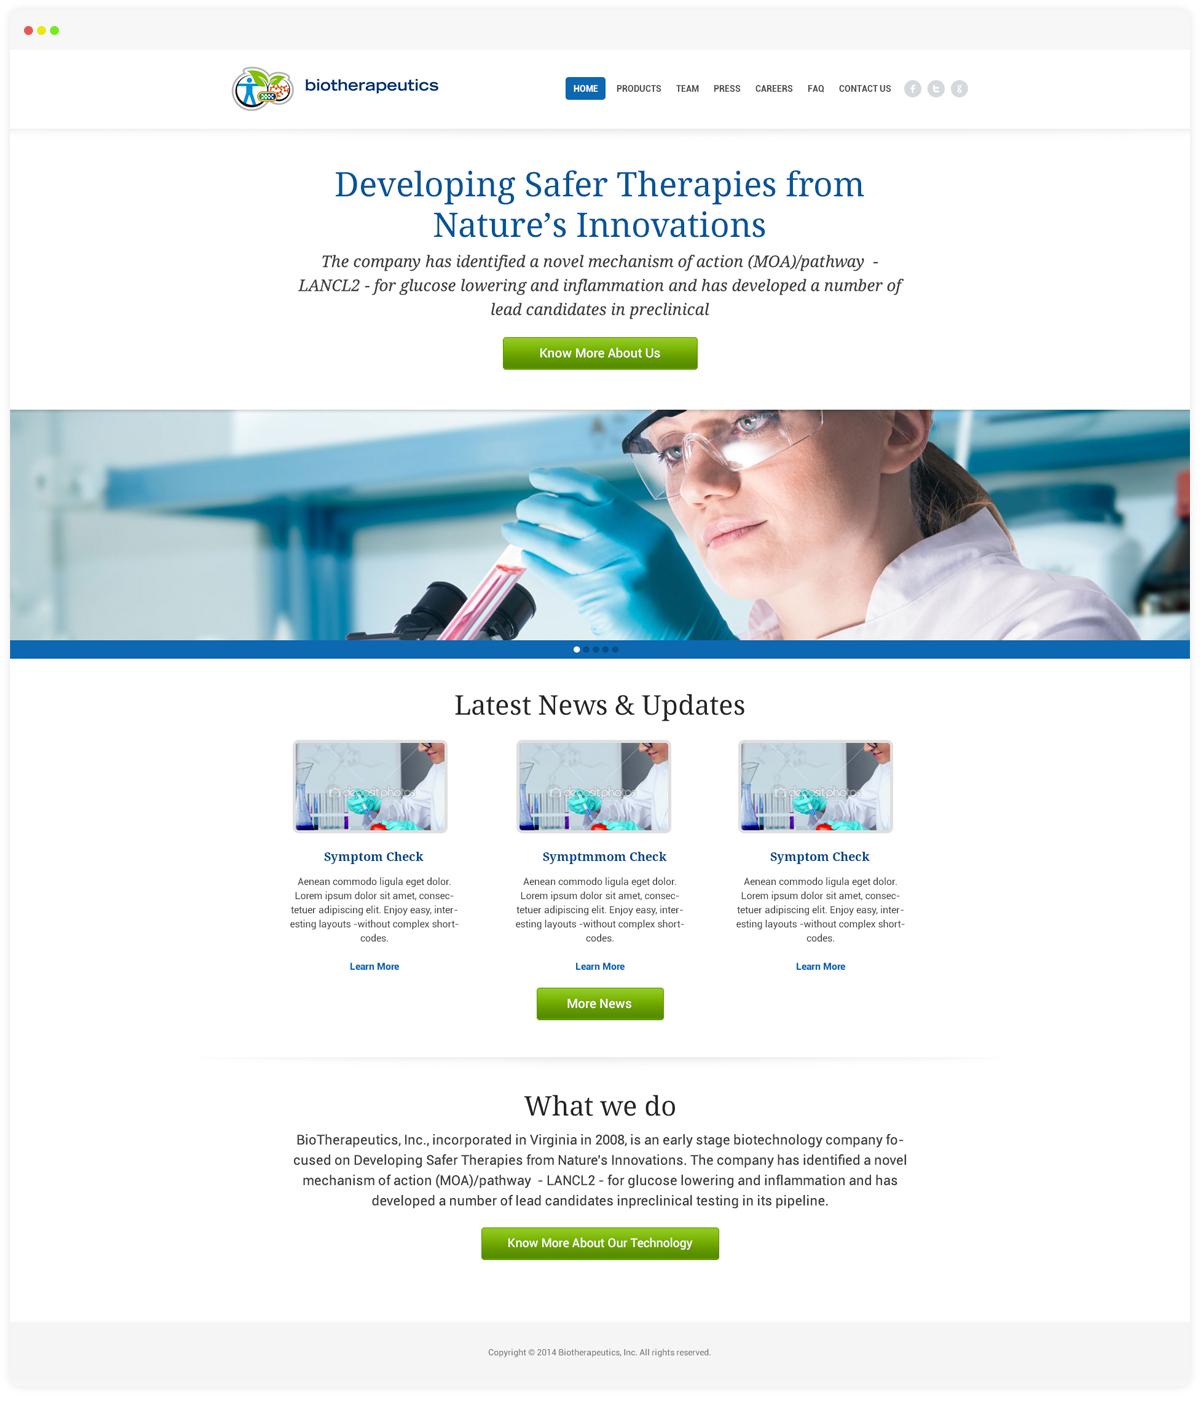 Biotherepeutics Homepage